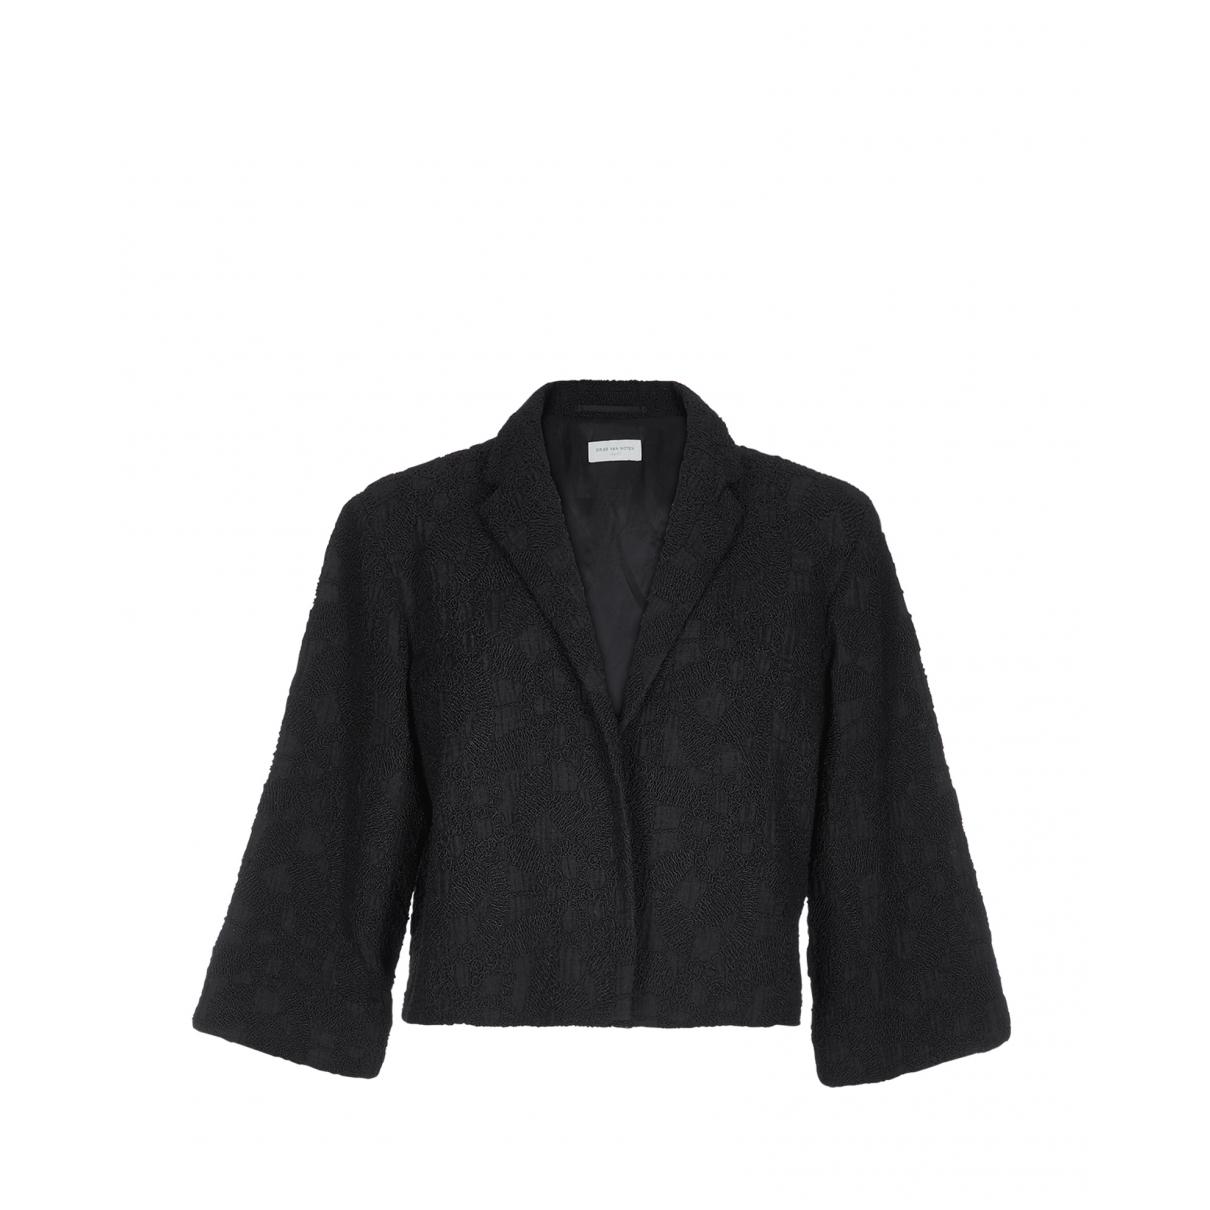 Dries Van Noten - Veste   pour femme en coton - noir